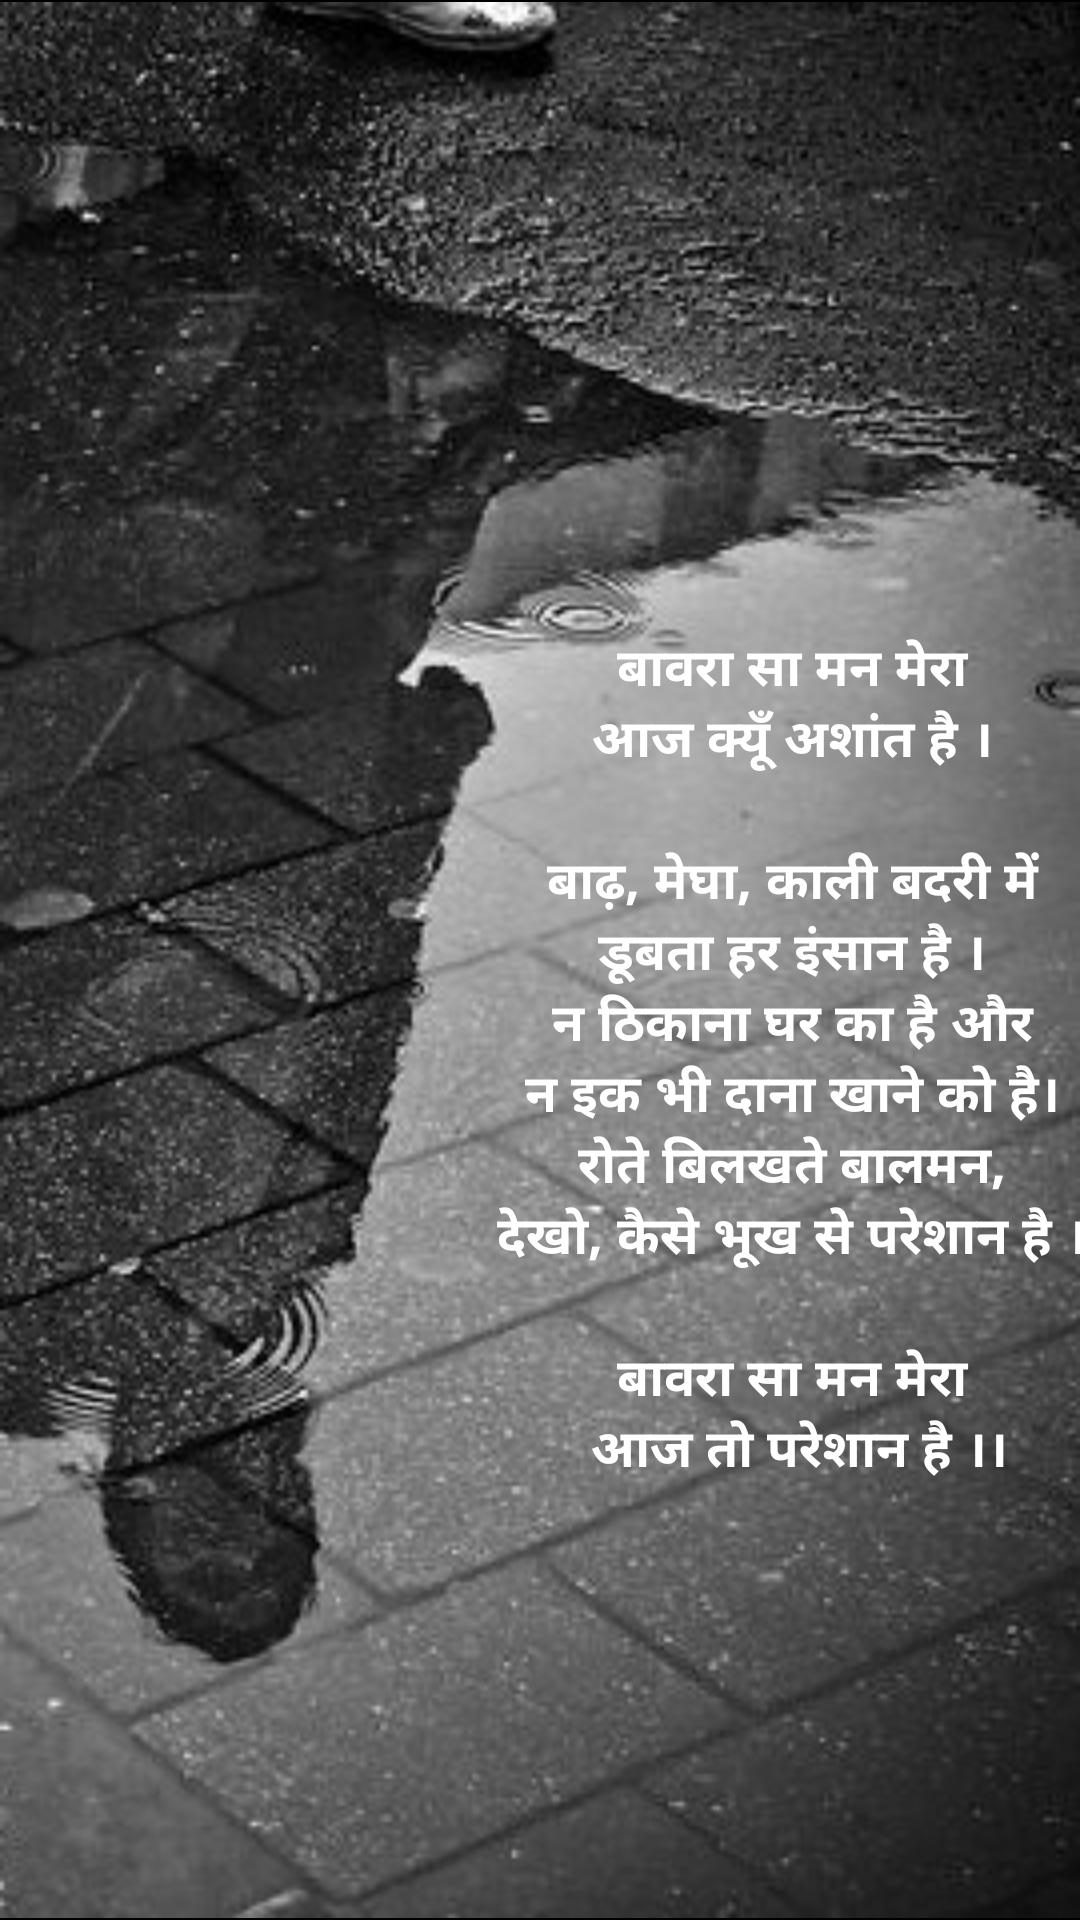 बावरा सा मन मेरा आज क्यूँ अशांत है ।  बाढ़, मेघा, काली बदरी में डूबता हर इंसान है । न ठिकाना घर का है और न इक भी दाना खाने को है। रोते बिलखते बालमन, देखो, कैसे भूख से परेशान है ।  बावरा सा मन मेरा  आज तो परेशान है ।।